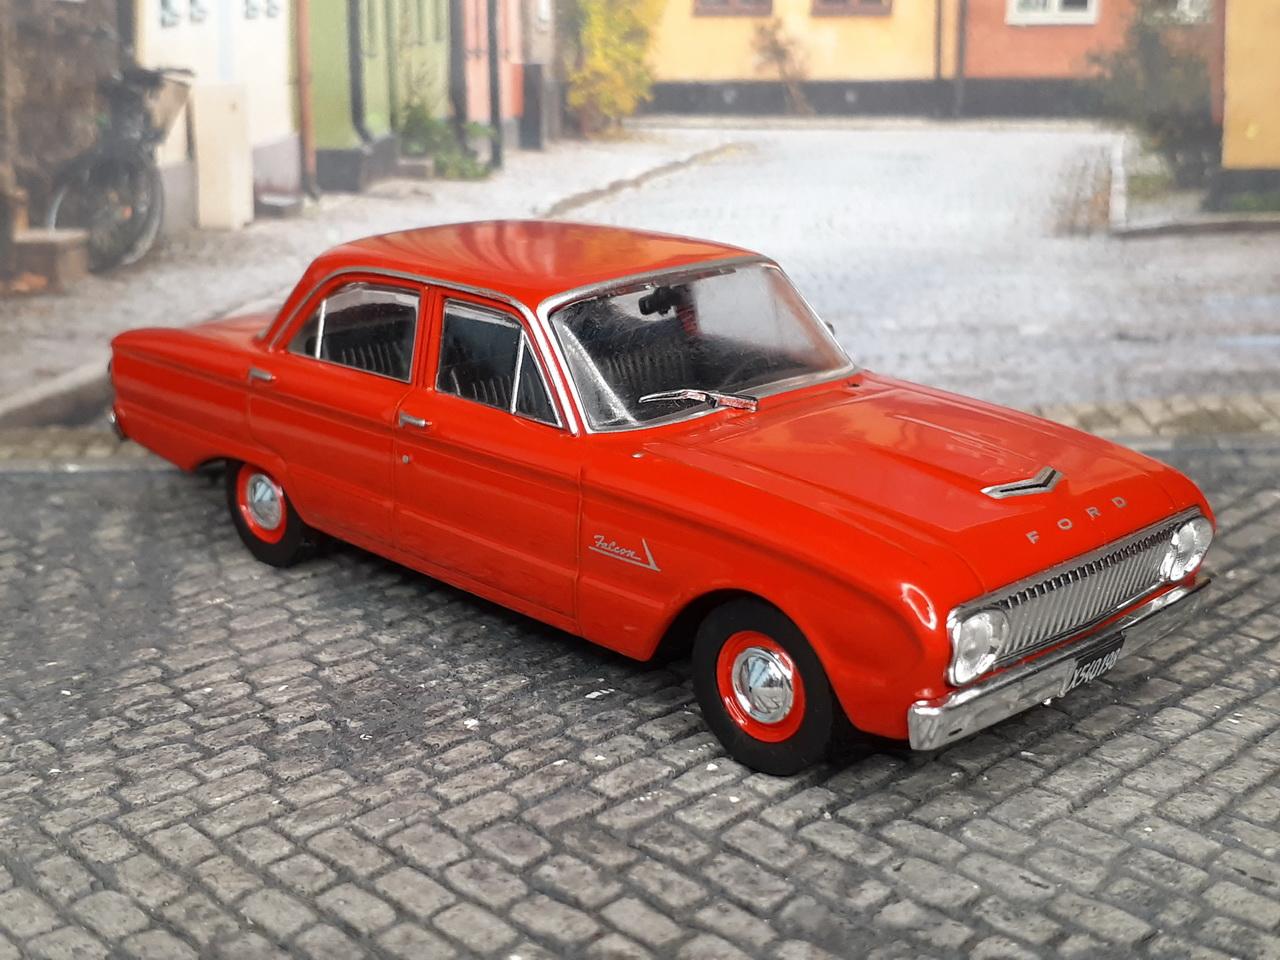 Ford Falcon - 1962